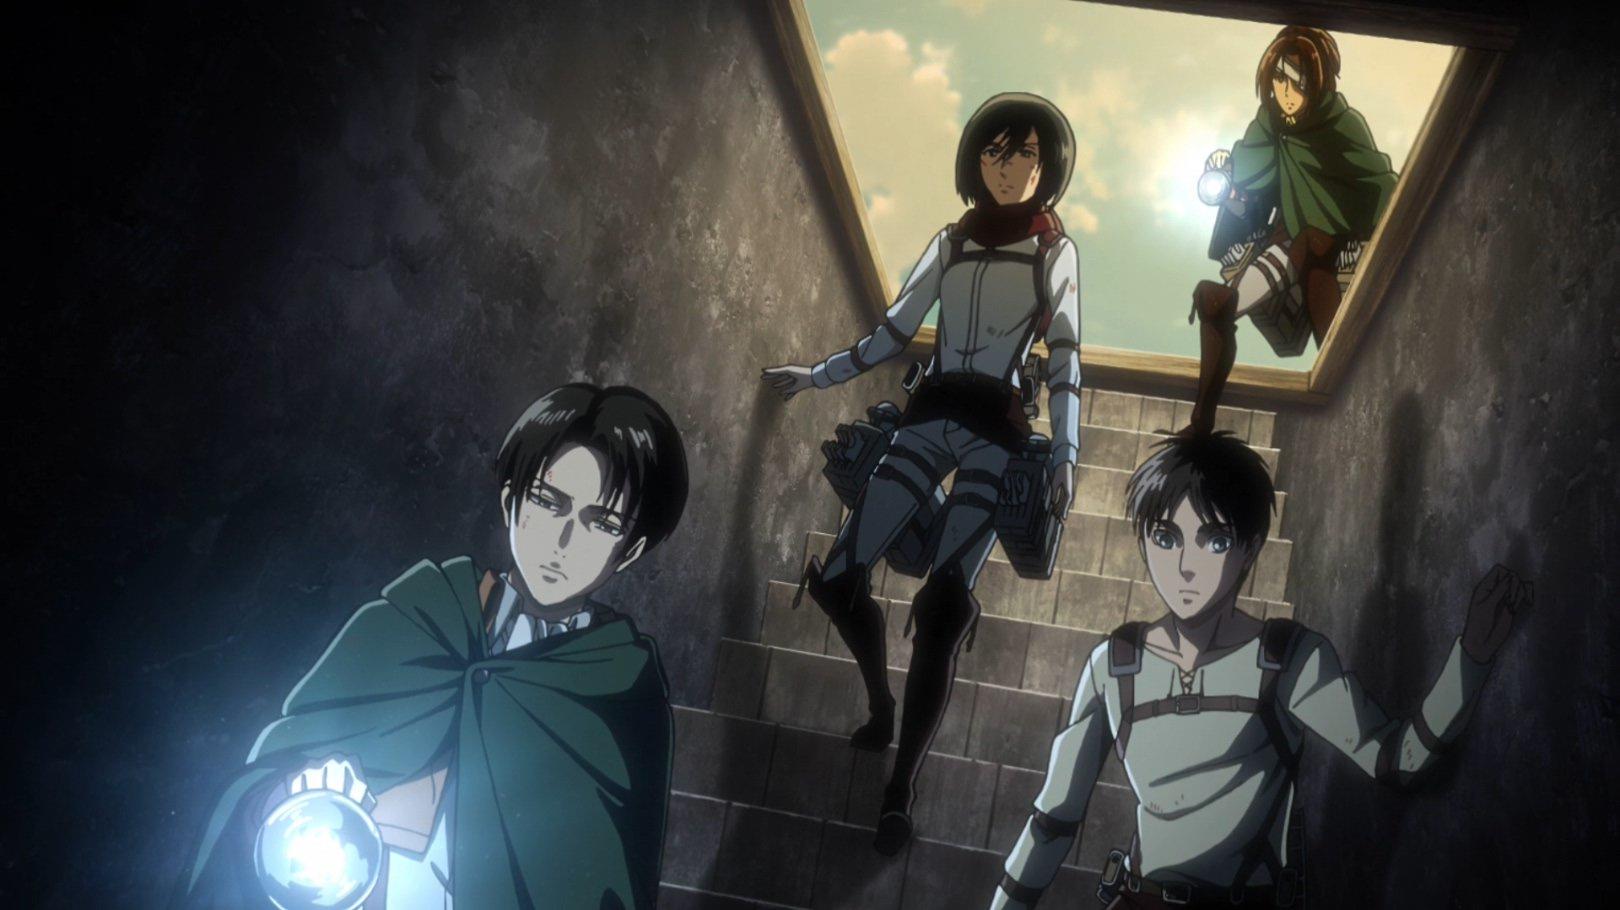 Ожидаются осадки в виде гигантов: вышел трейлер последнего сезона «Атаки титанов»